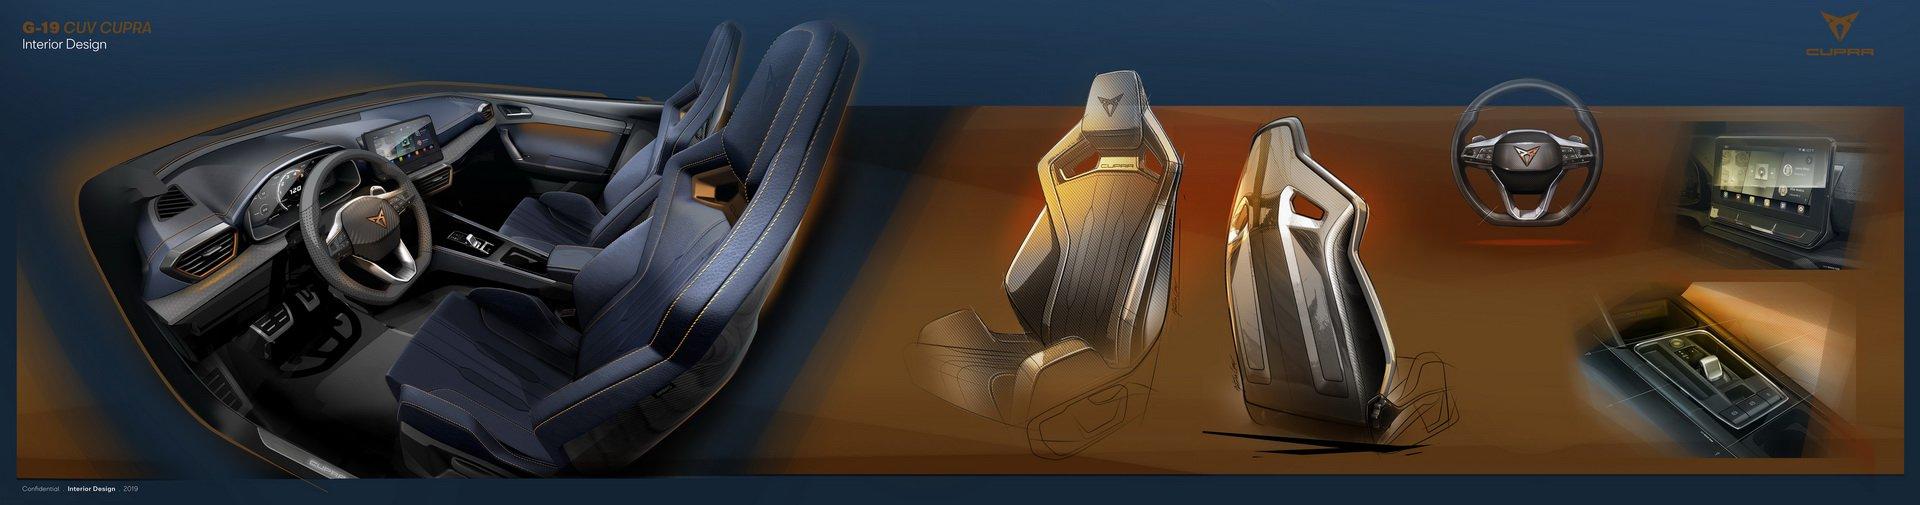 Cupra Formentor Concept (17)